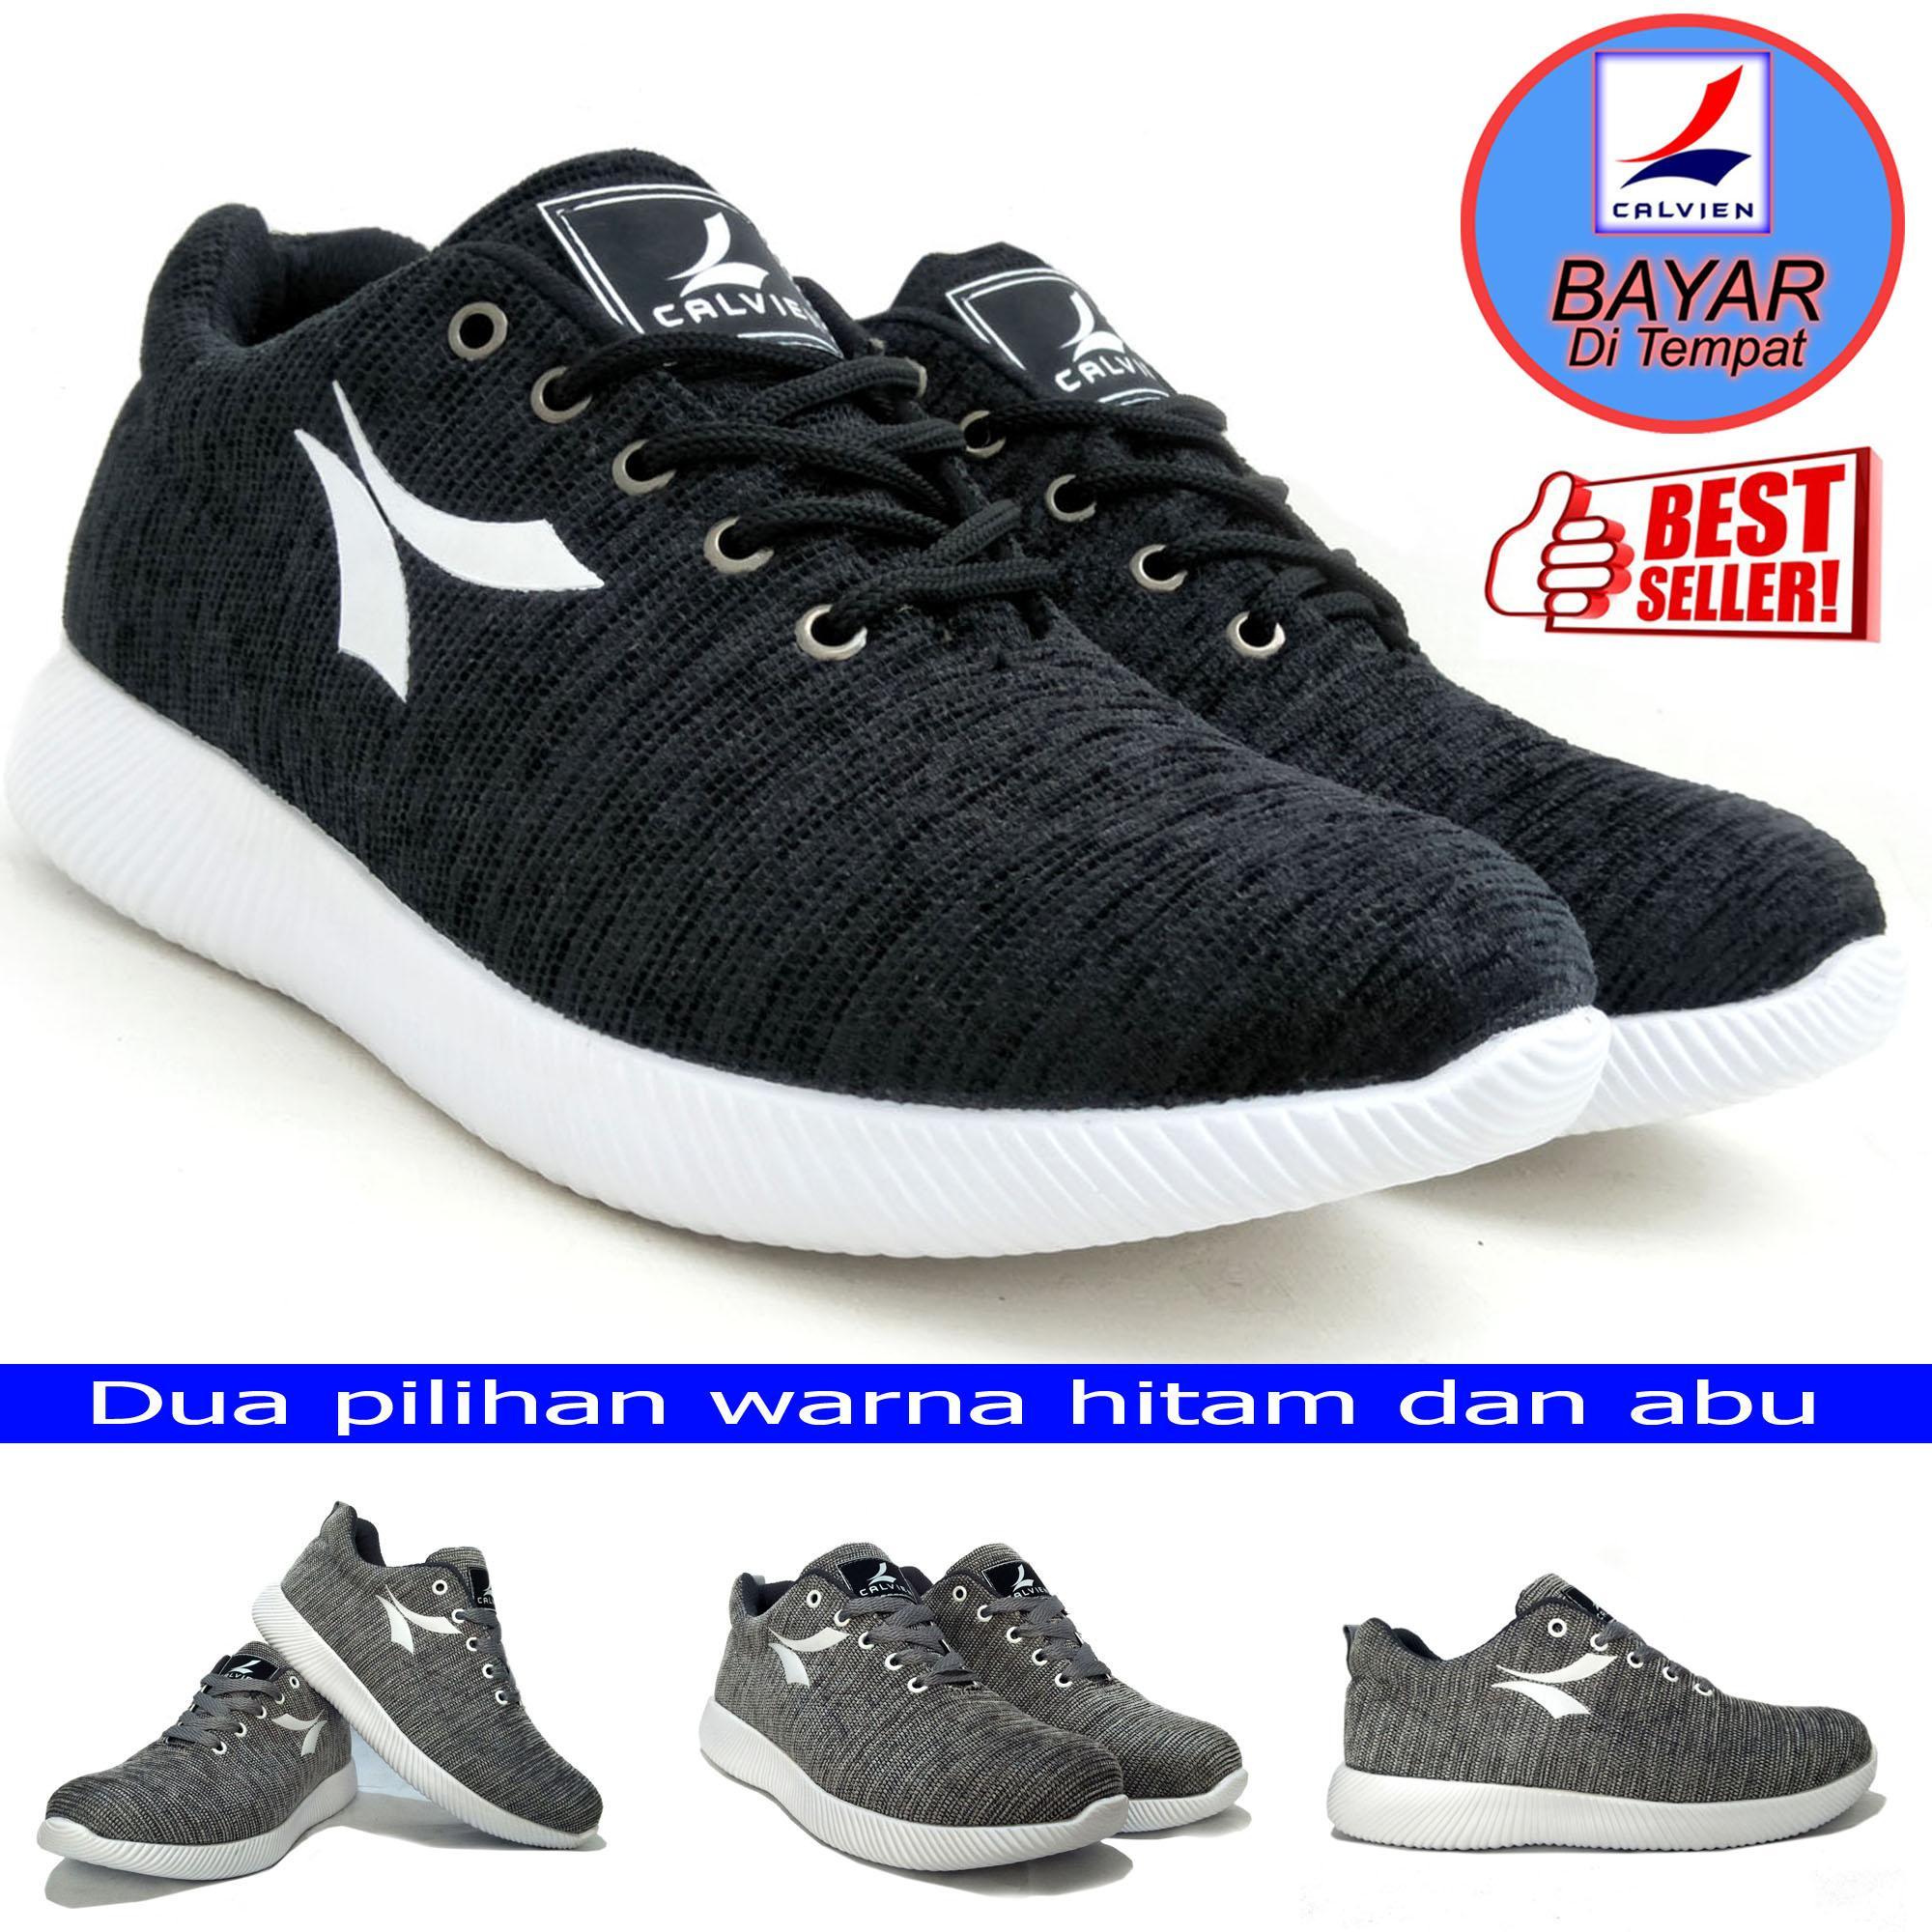 Calvien Sepatu Pria Sneakers/Sepatu Pria Kets/Sepatu Olah Raga/Sepatu Kasual Kode CL-03